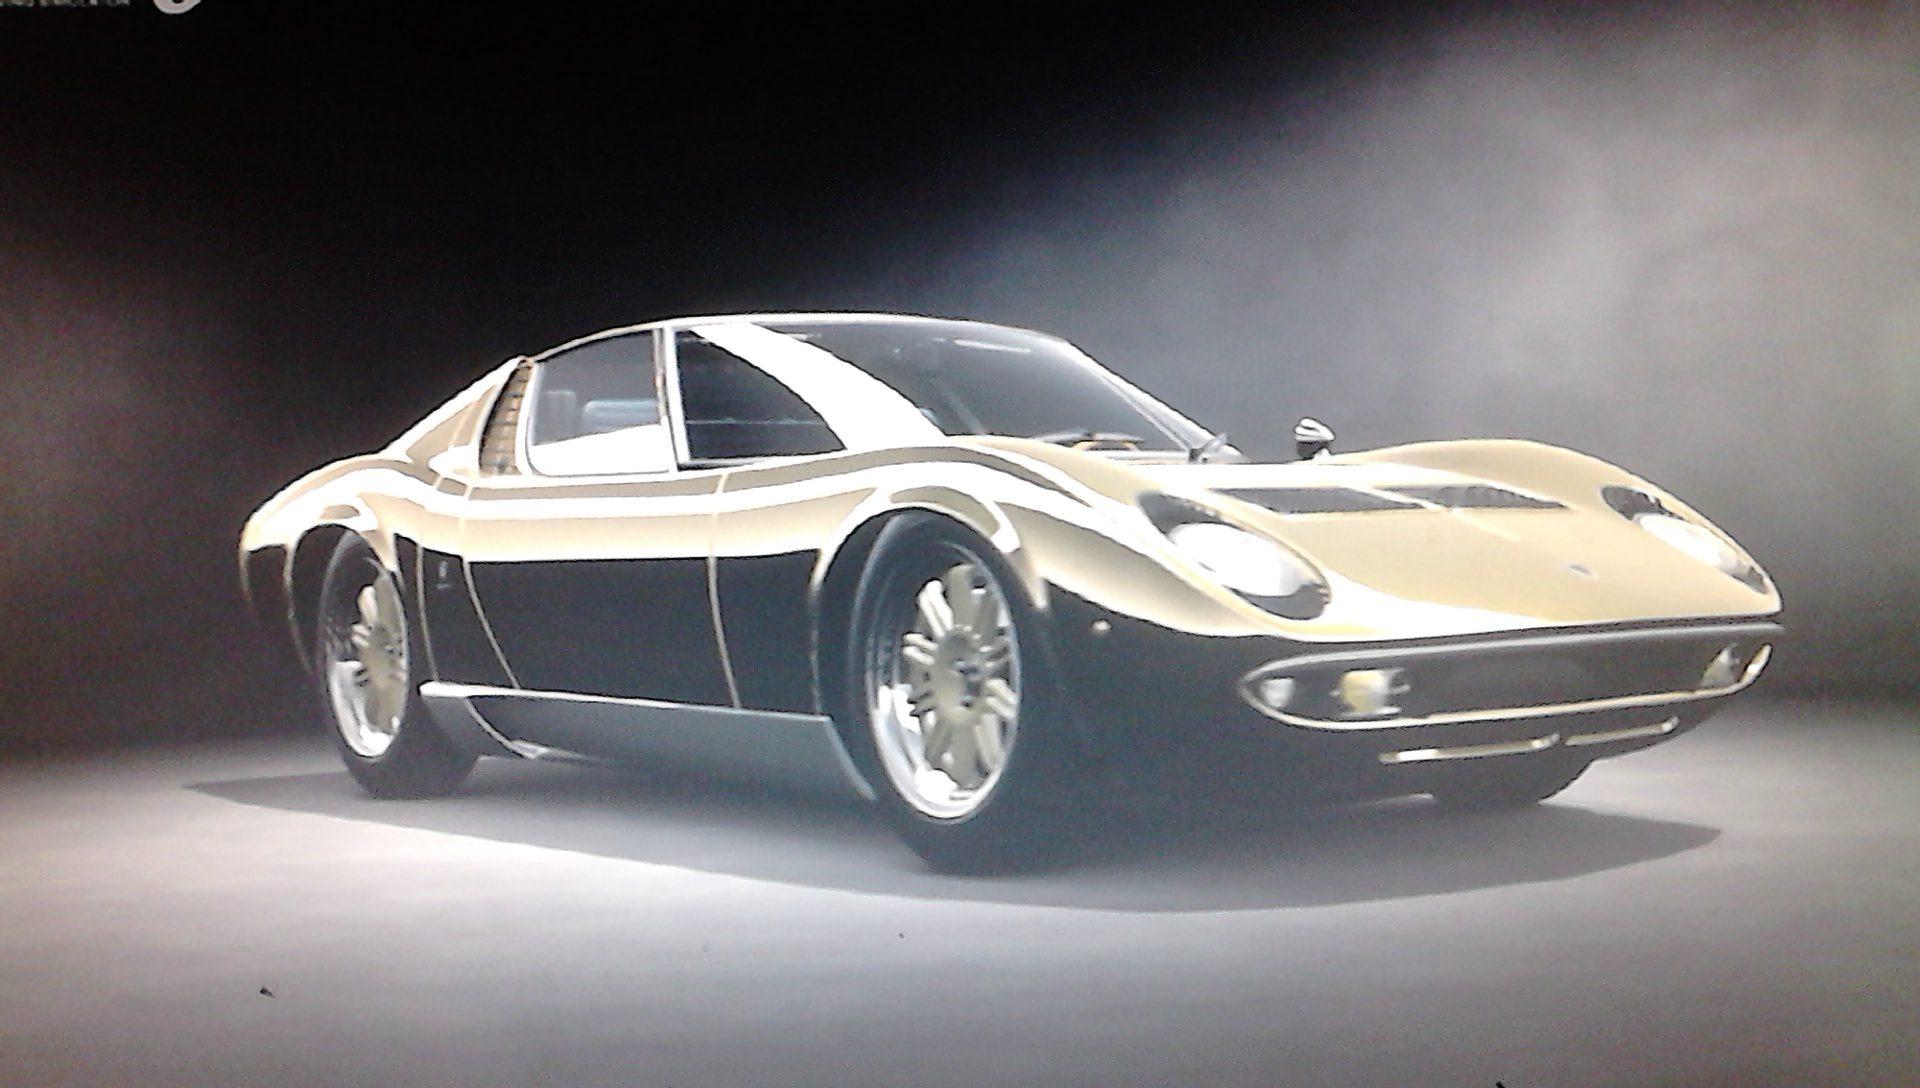 1966 Lamborghini Miura P400 Bertone Prototype Cn 0706